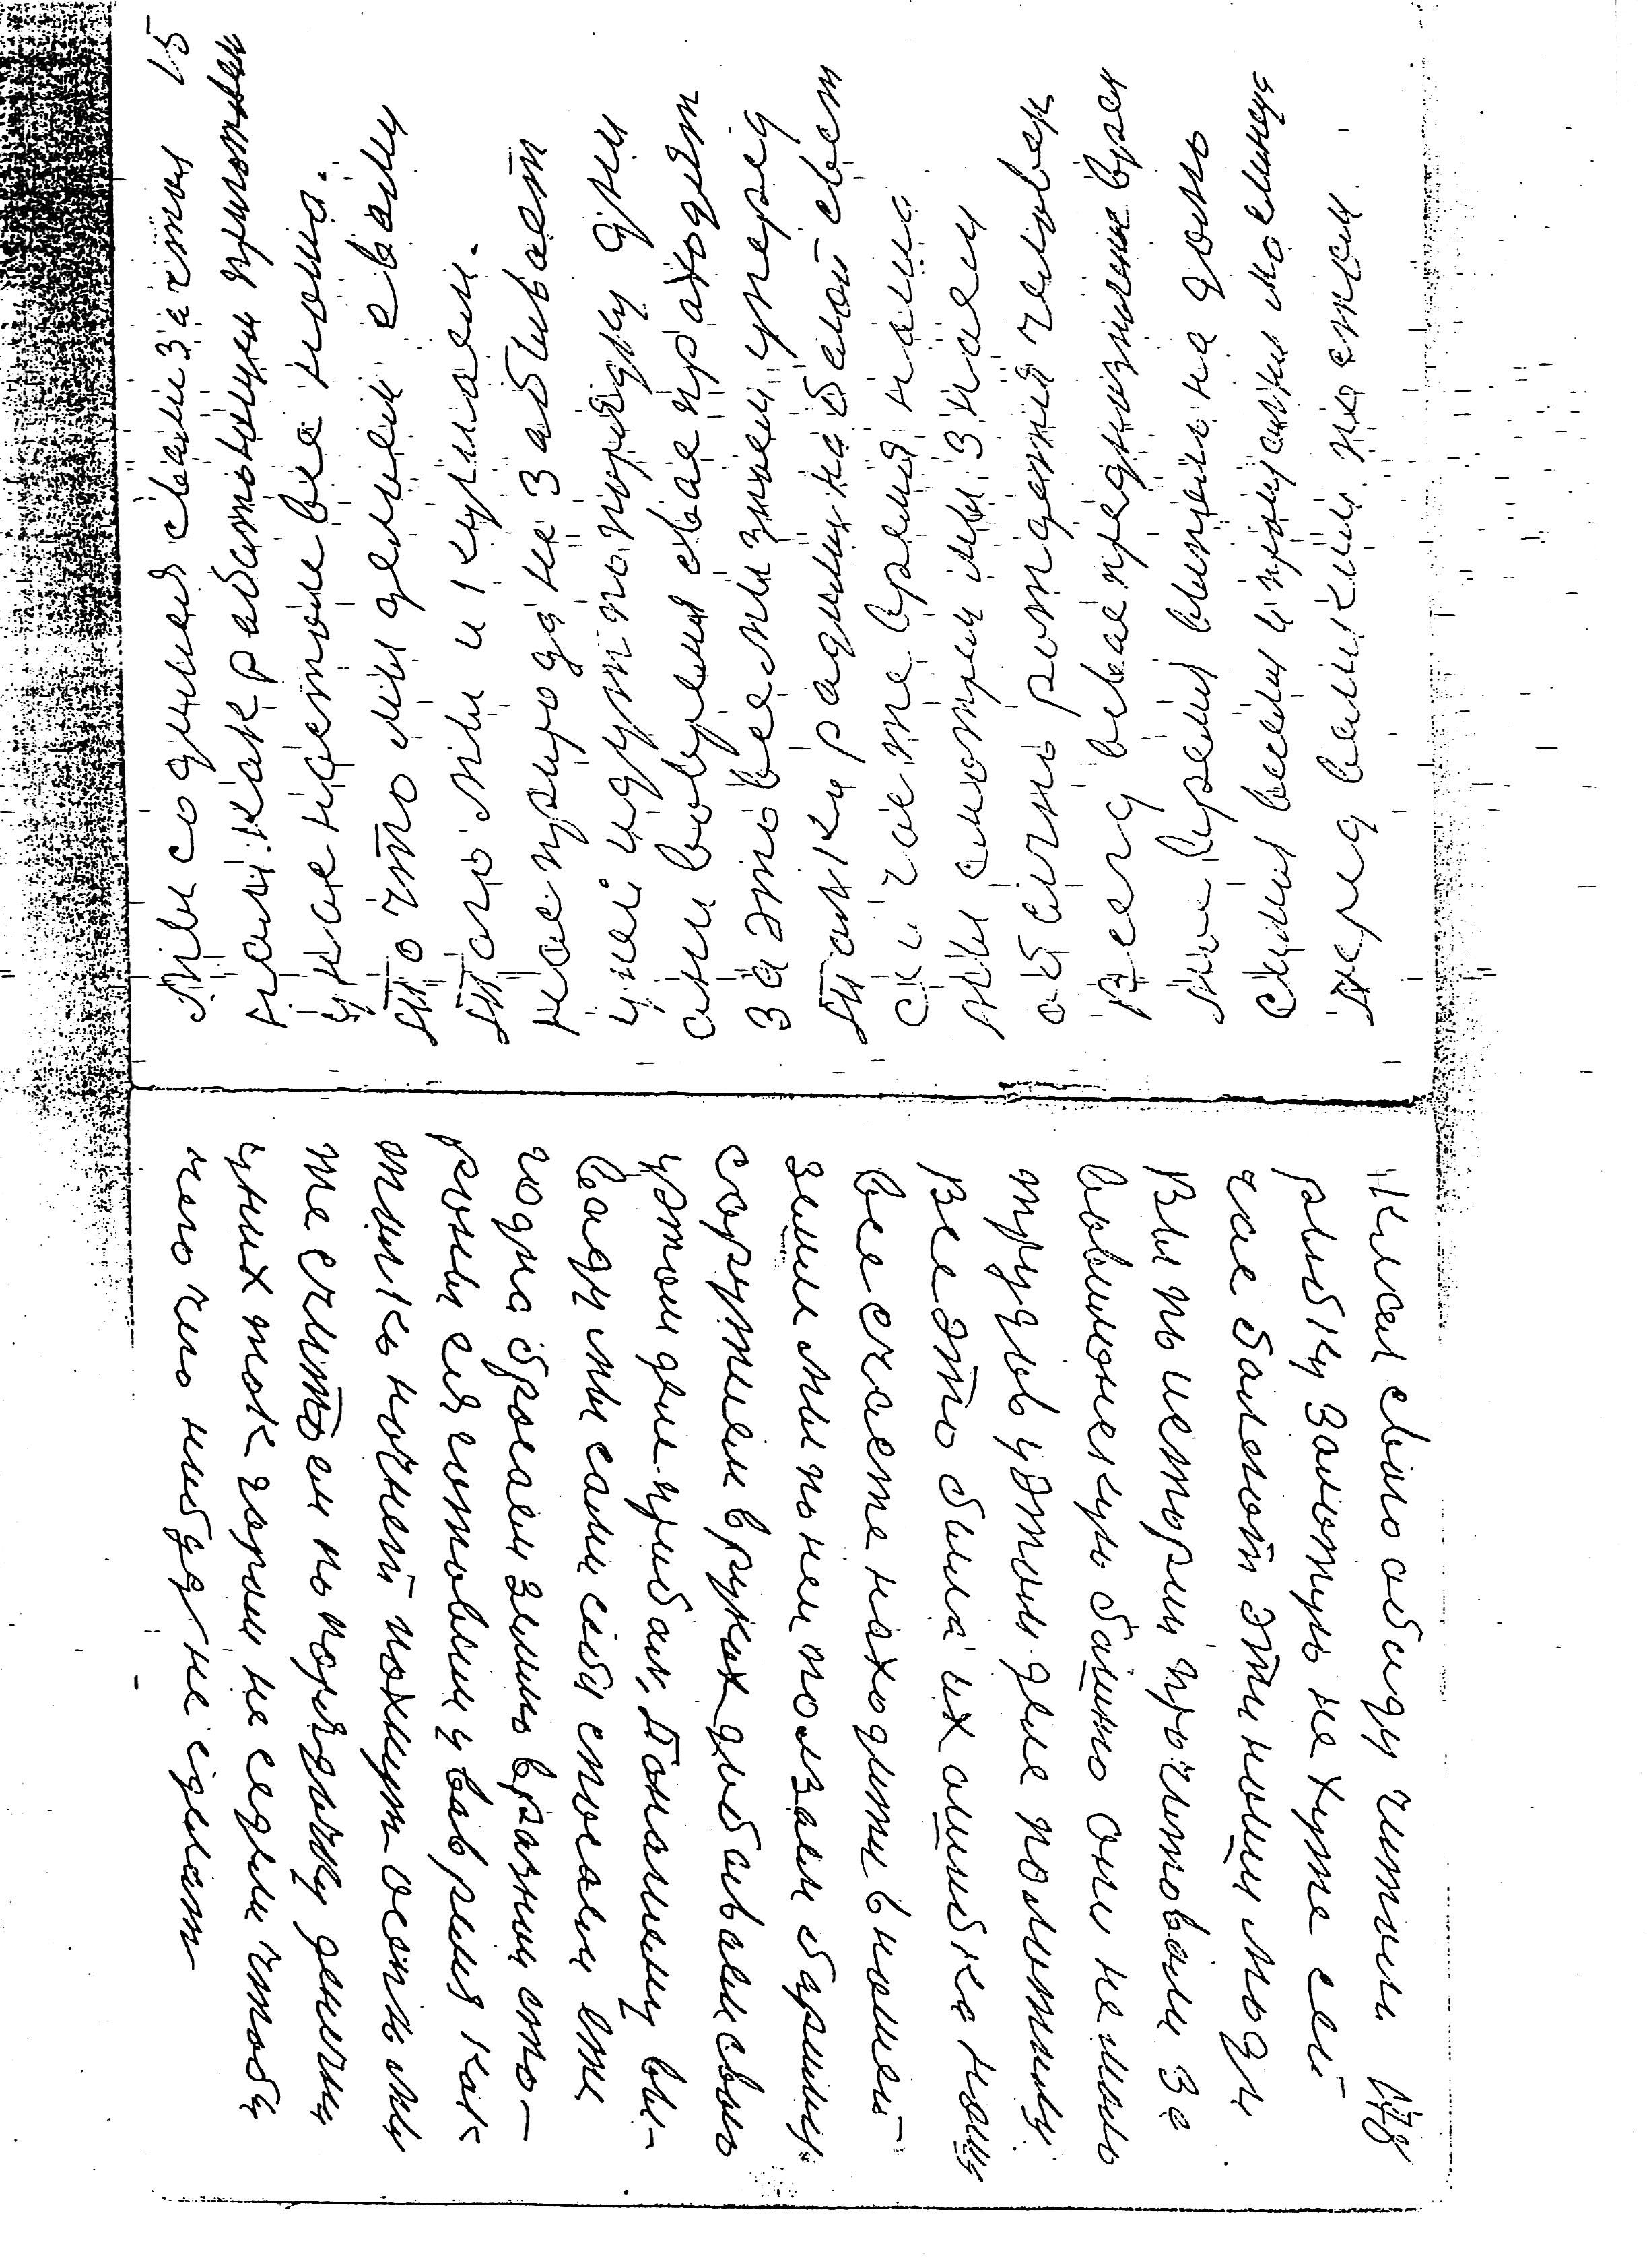 15-178.jpg